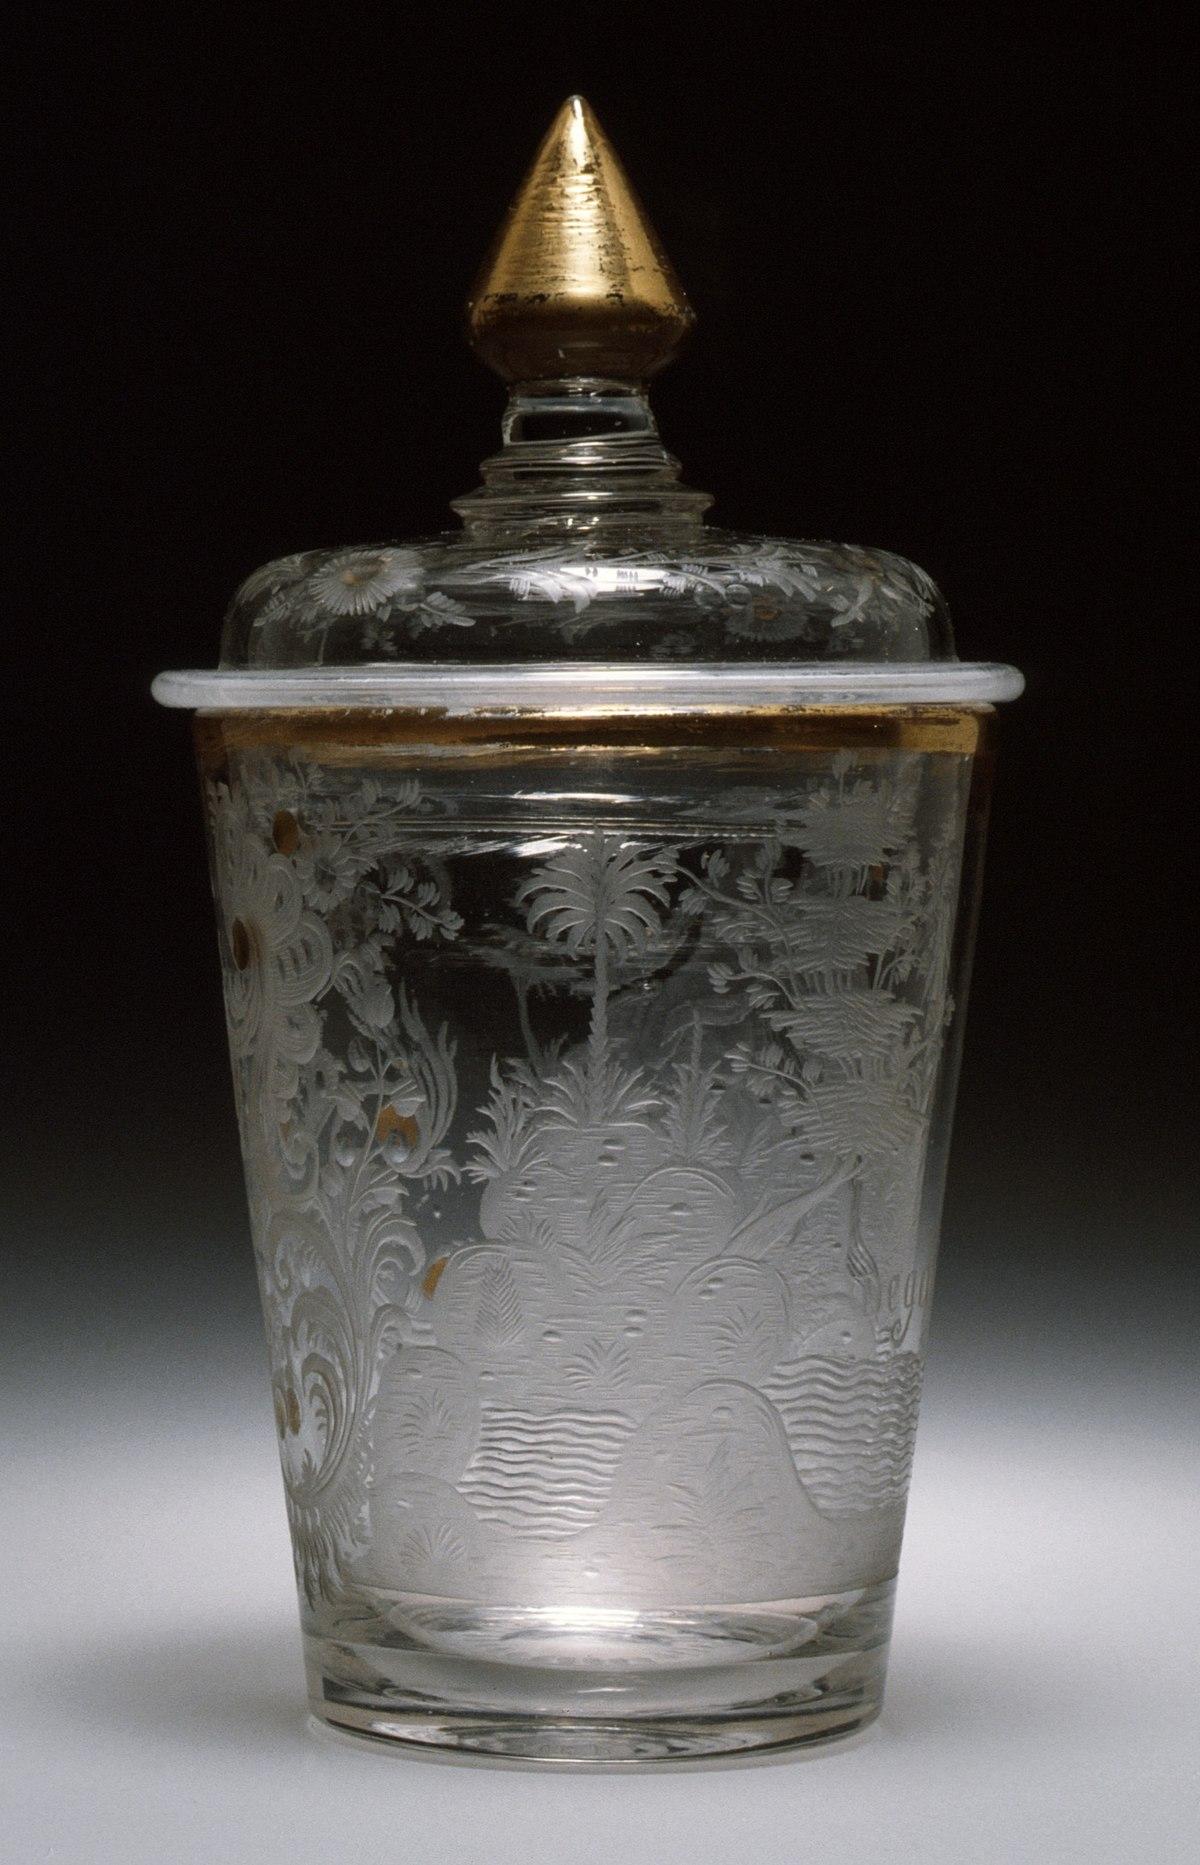 Cristal de Bohemia - Wikipedia, la enciclopedia libre